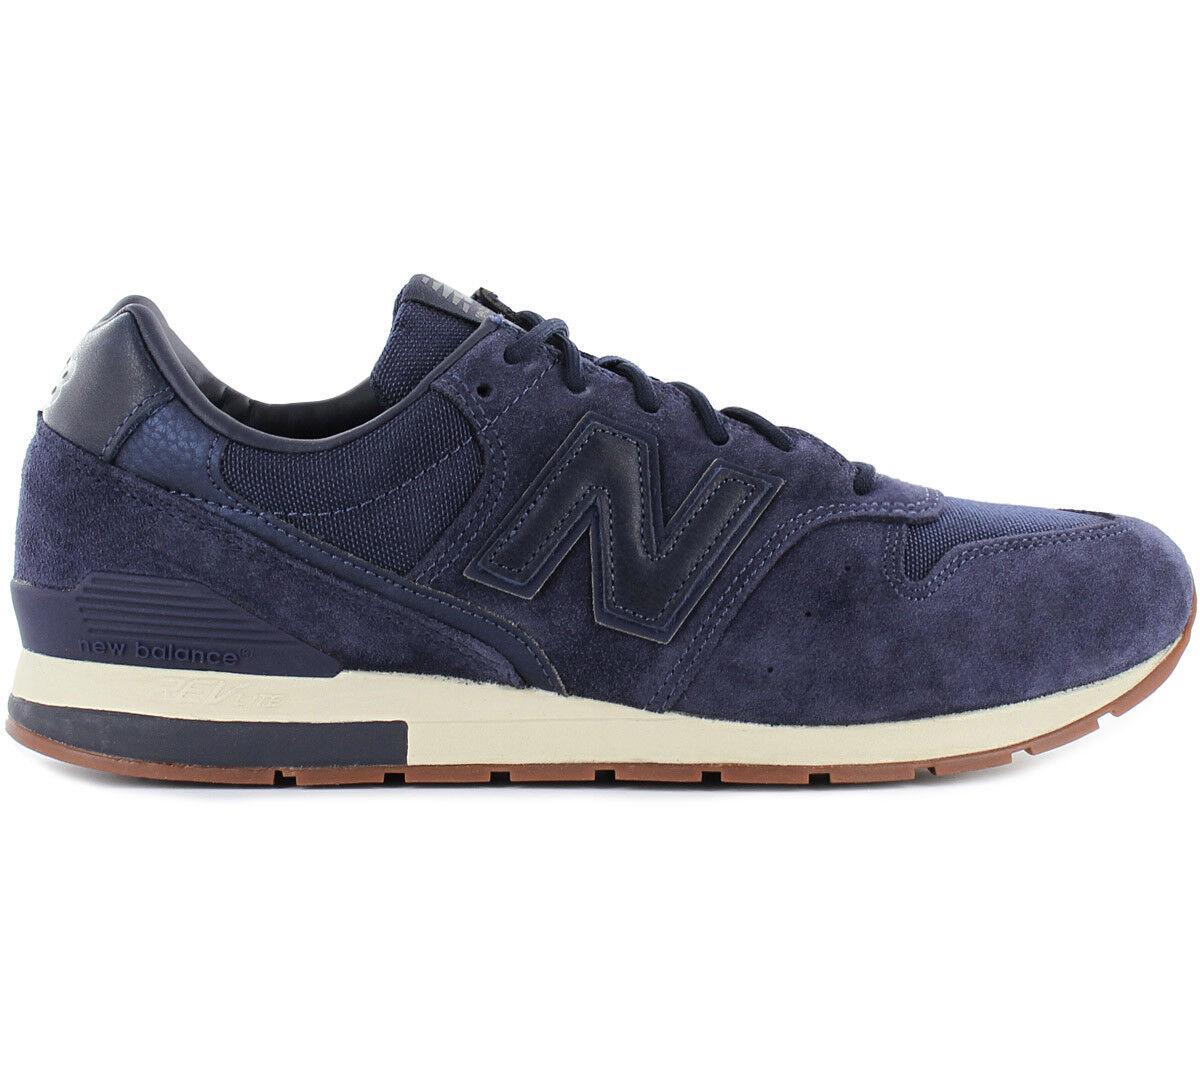 nouveau   Lifestyle 996 Revlite paniers Hommes Chaussure paniers MRL996SE